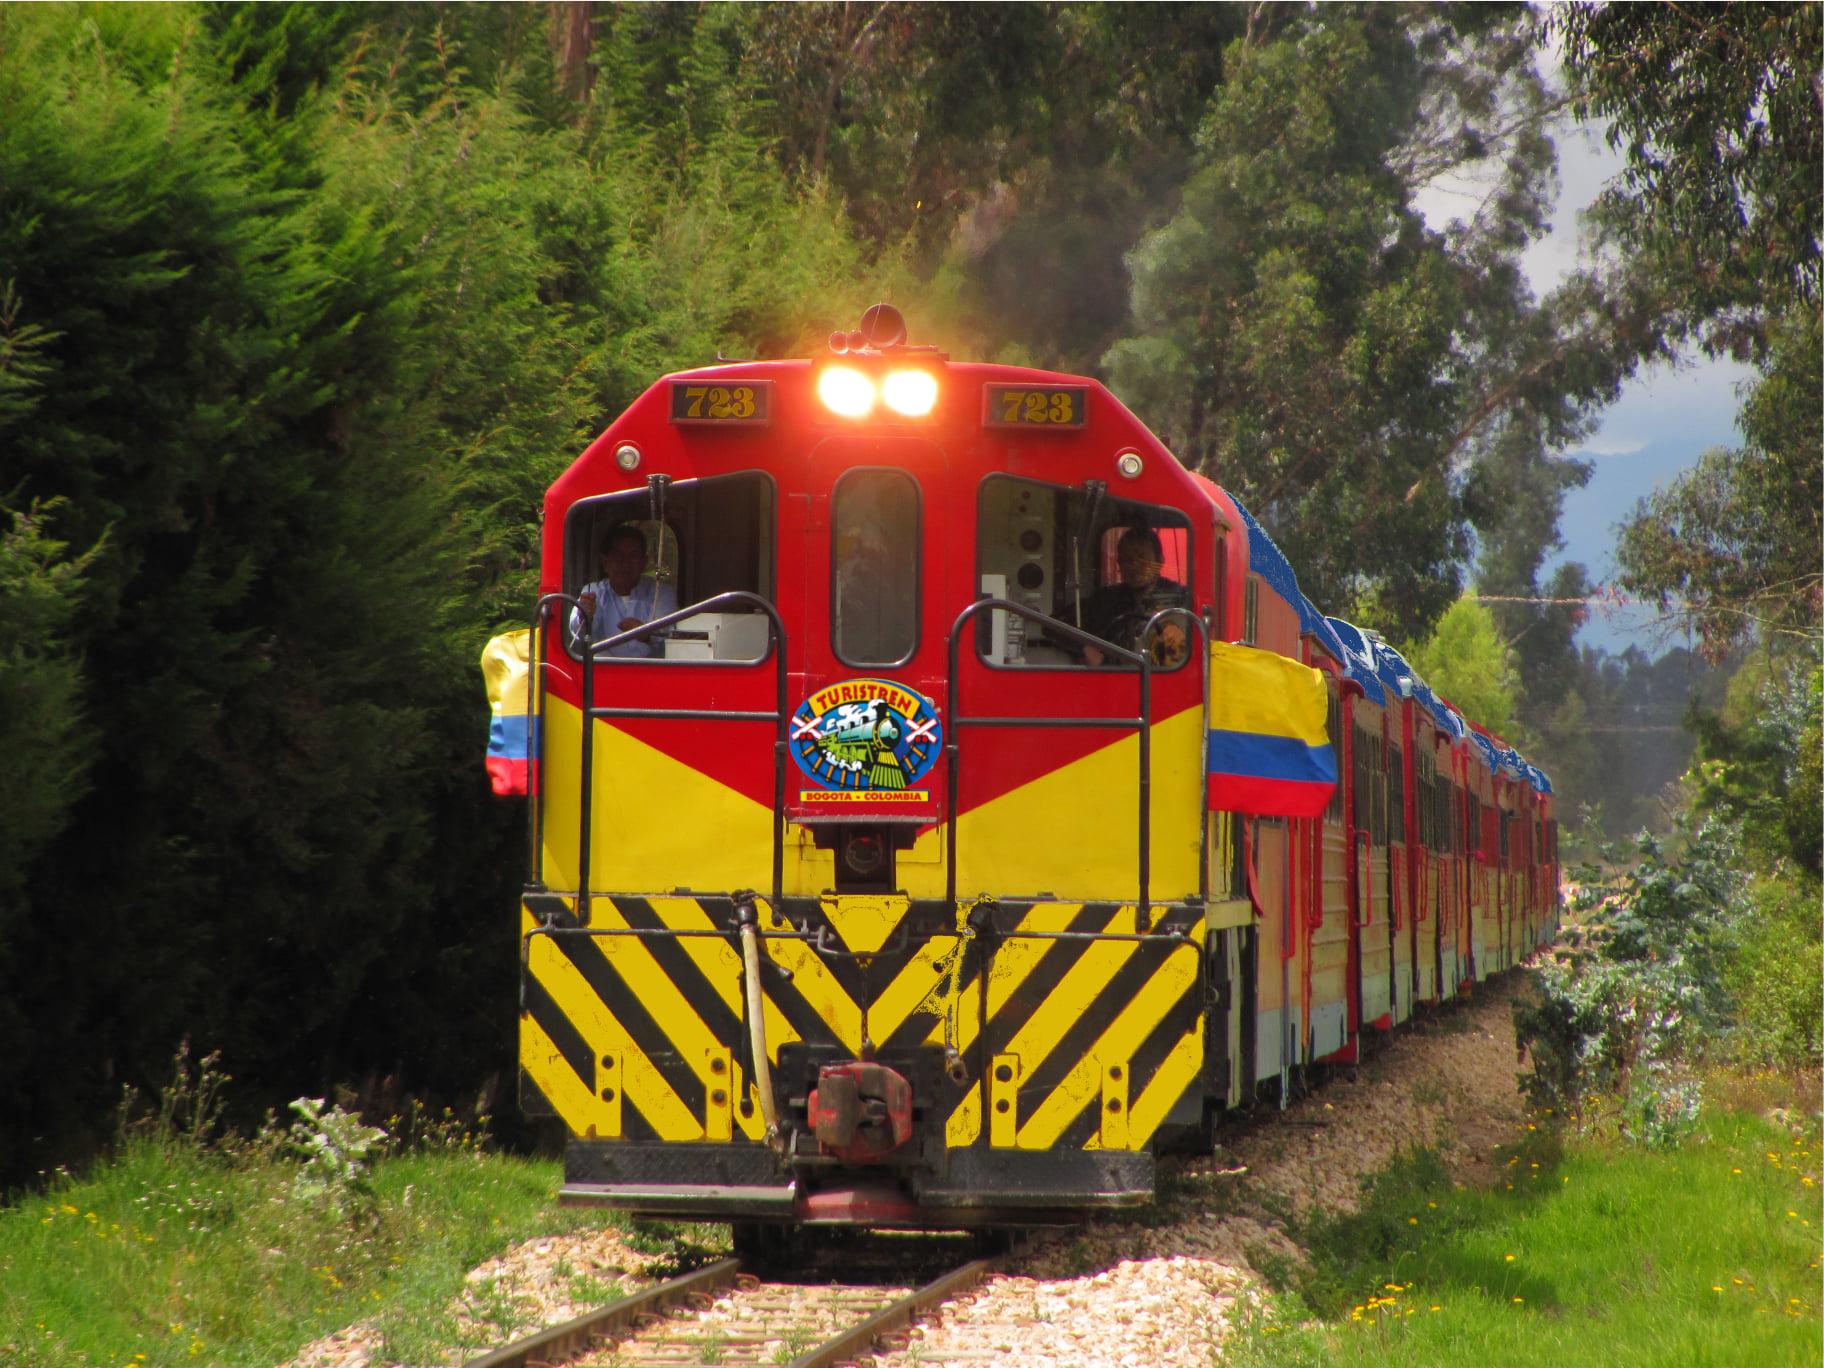 Tren de la Sabana outside Bogota